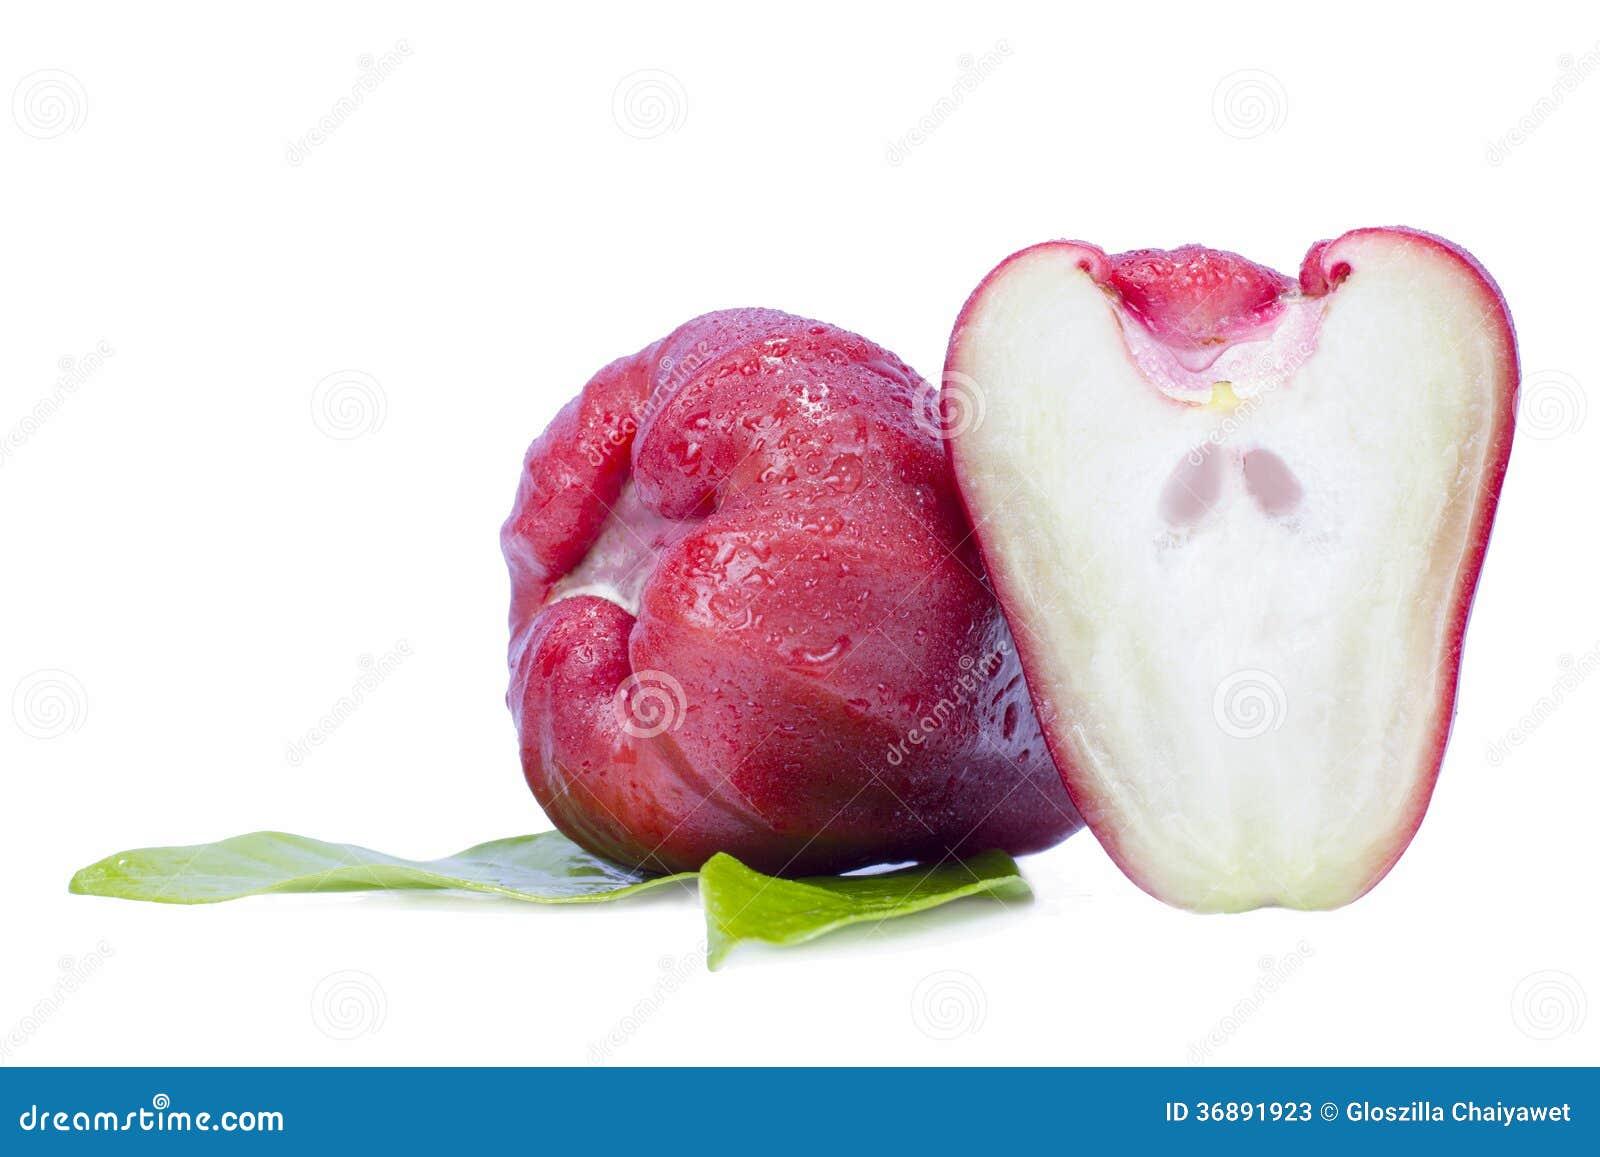 Download Melarose O Chomphu Isolato Su Fondo Bianco Immagine Stock - Immagine di background, organico: 36891923